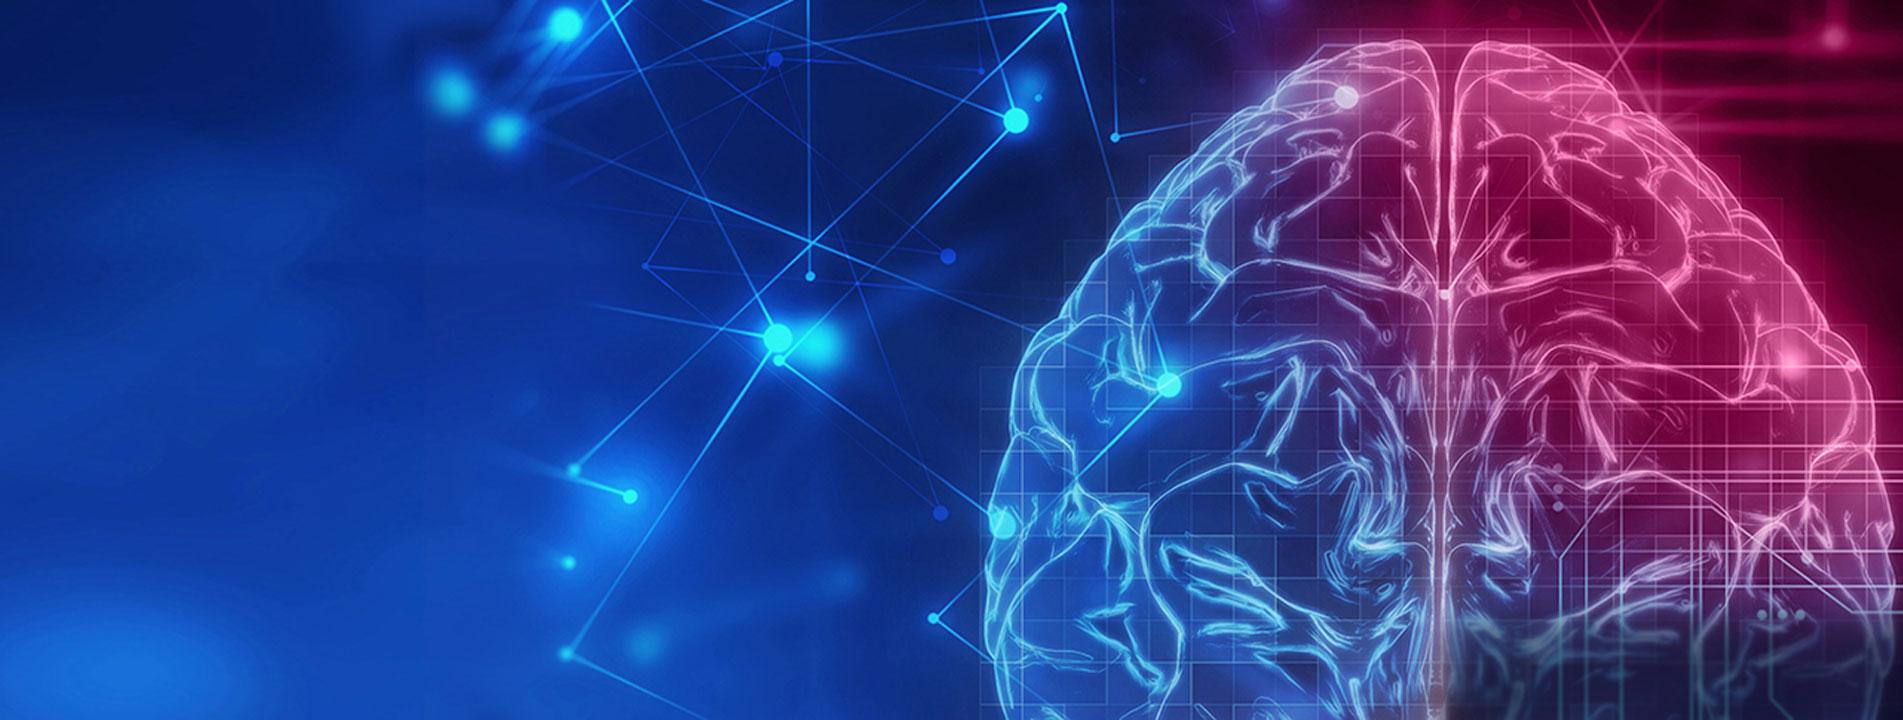 Neuro Diseases